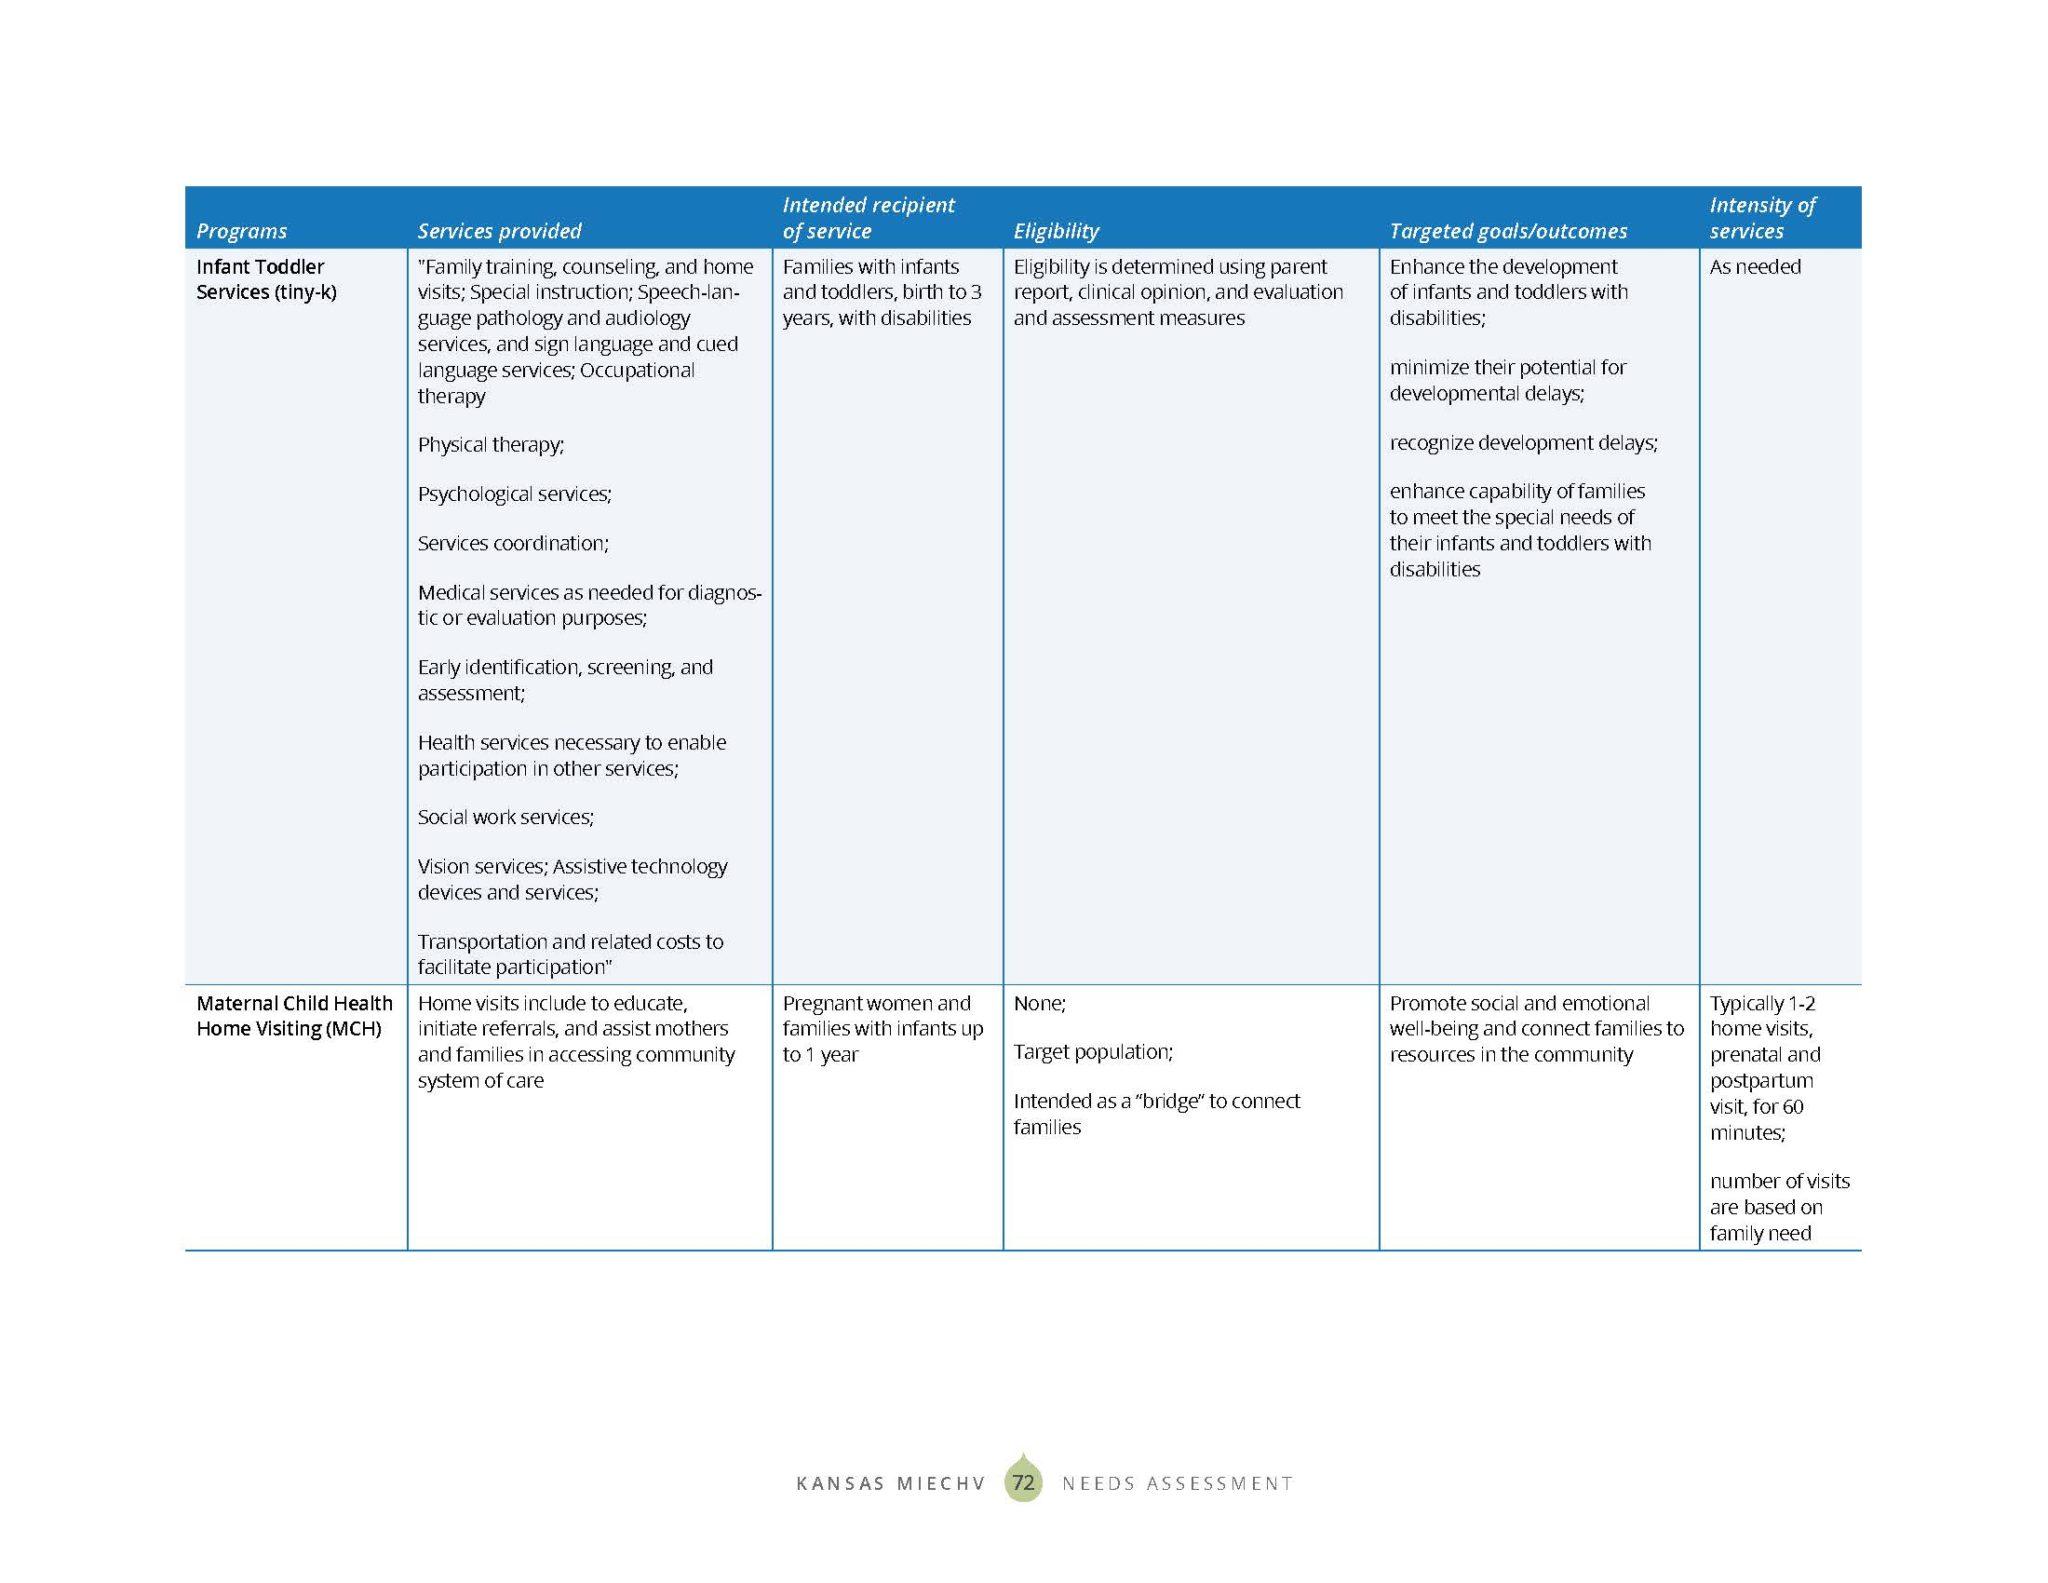 KS MIECHV 2020 Needs Assessment_DIGITAL_Page_080